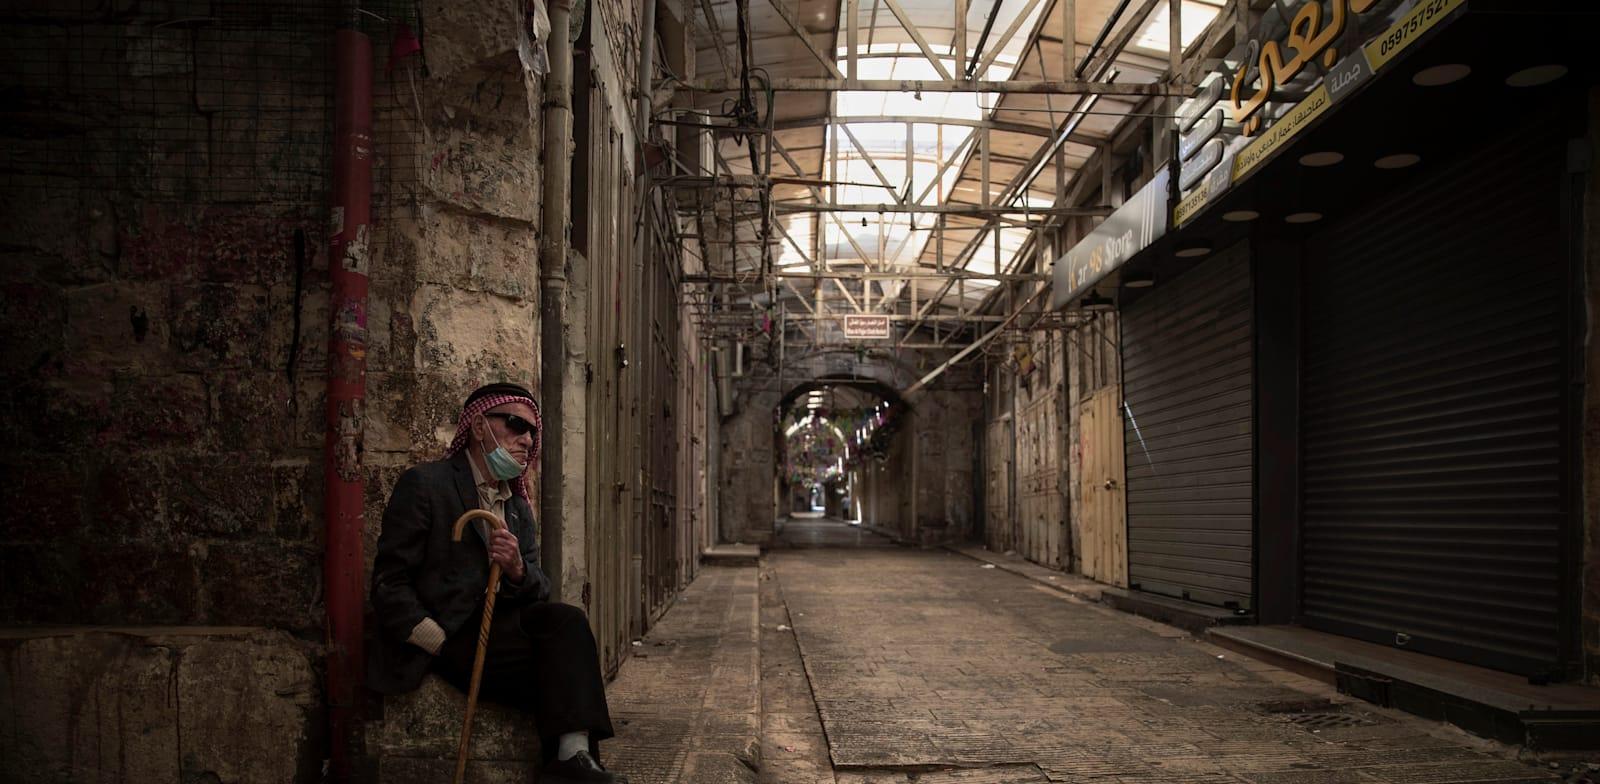 שביתה כללית ברחובות שכם הפלסטינית / צילום: Associated Press, Majdi Mohammed